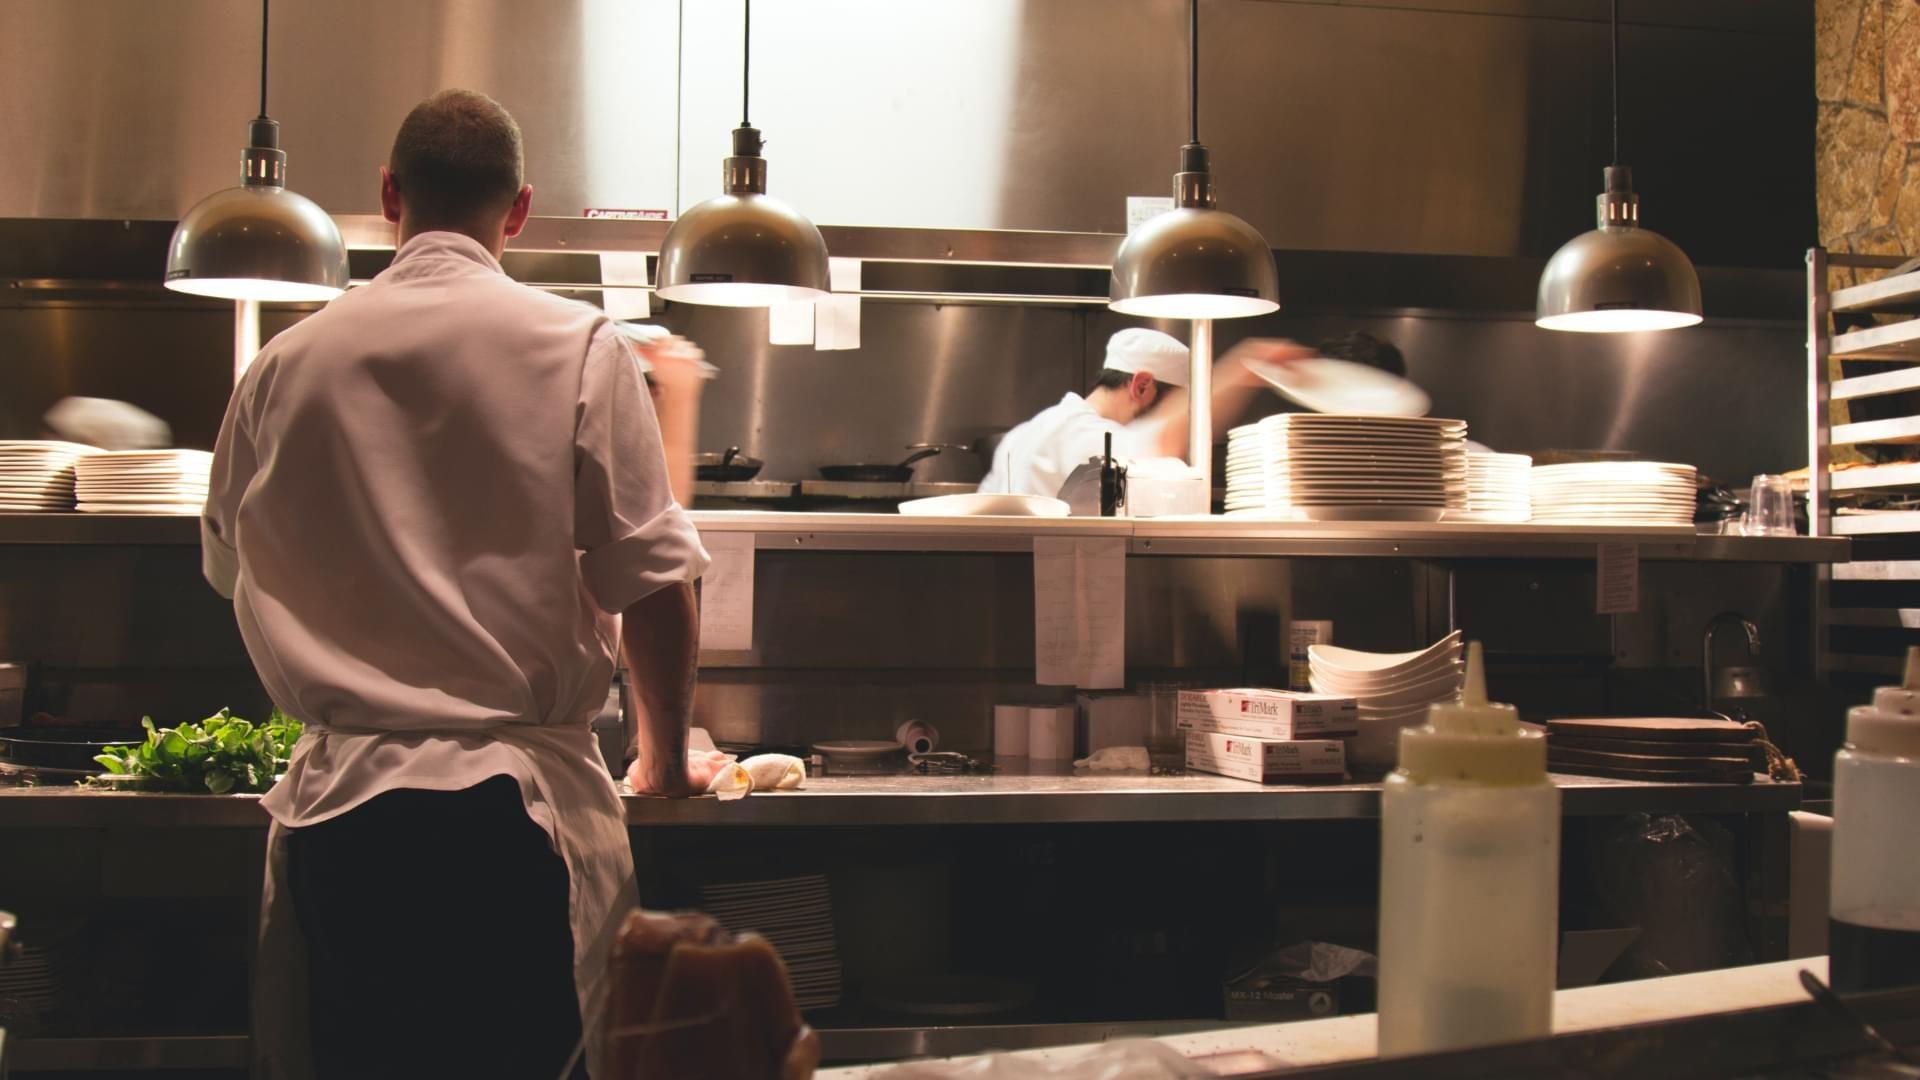 Chefs in a kitchen.